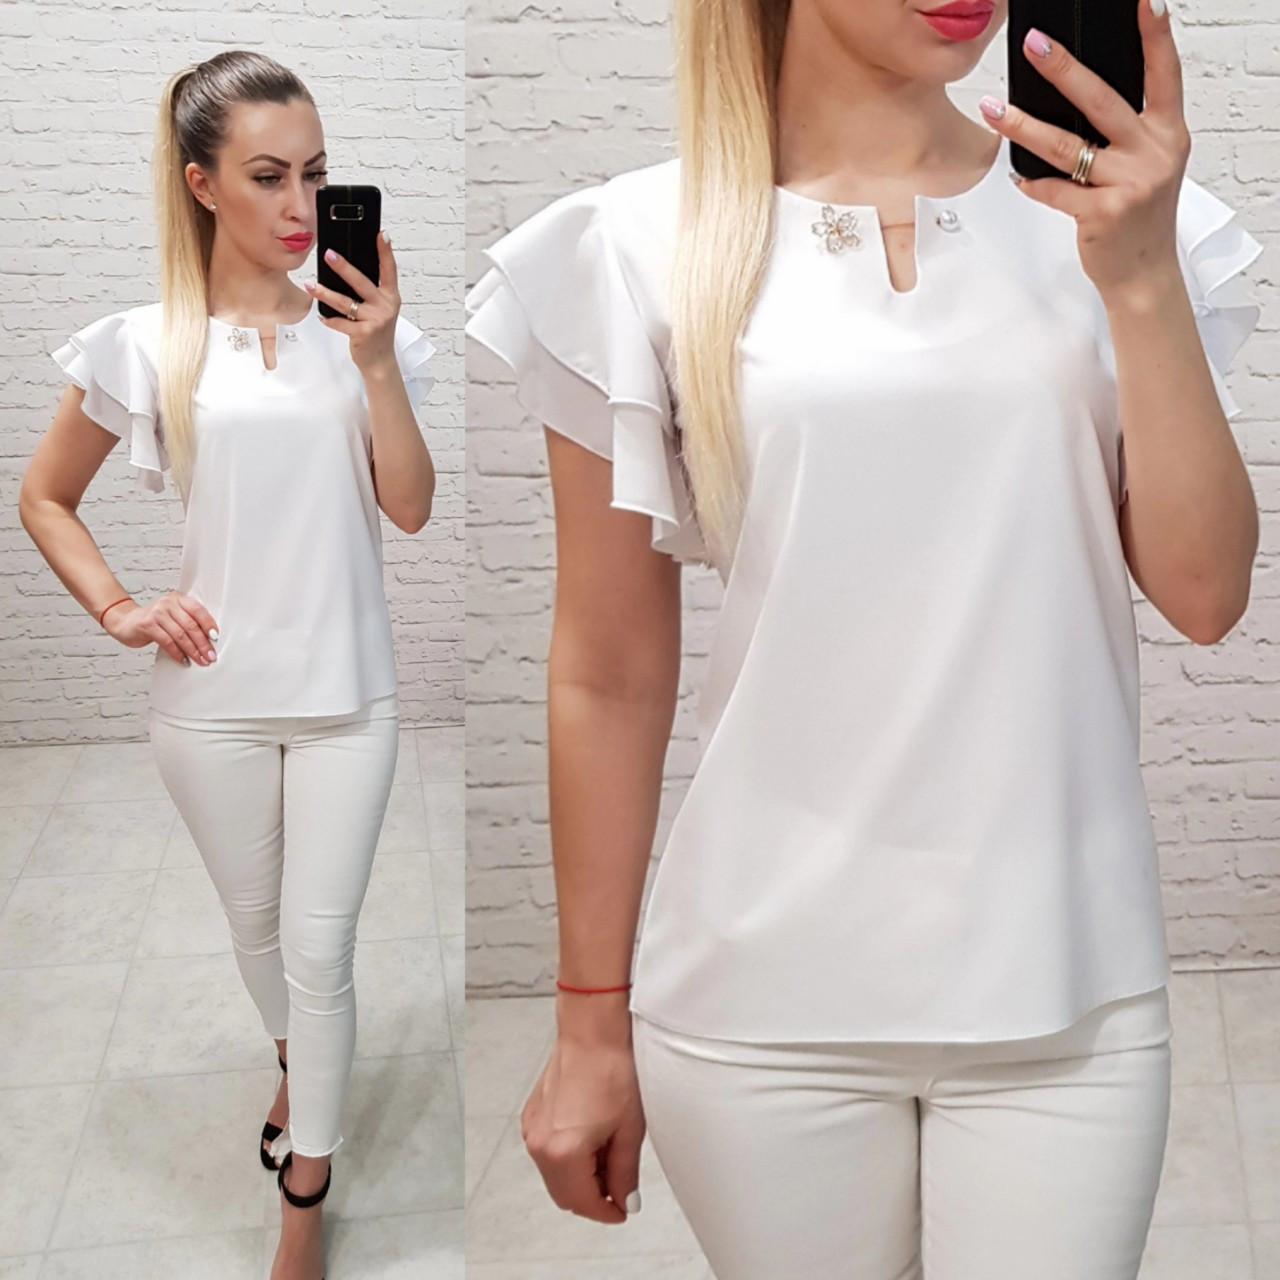 Блузка / блуза  с брошкой и воланами арт. 166 белый / белая